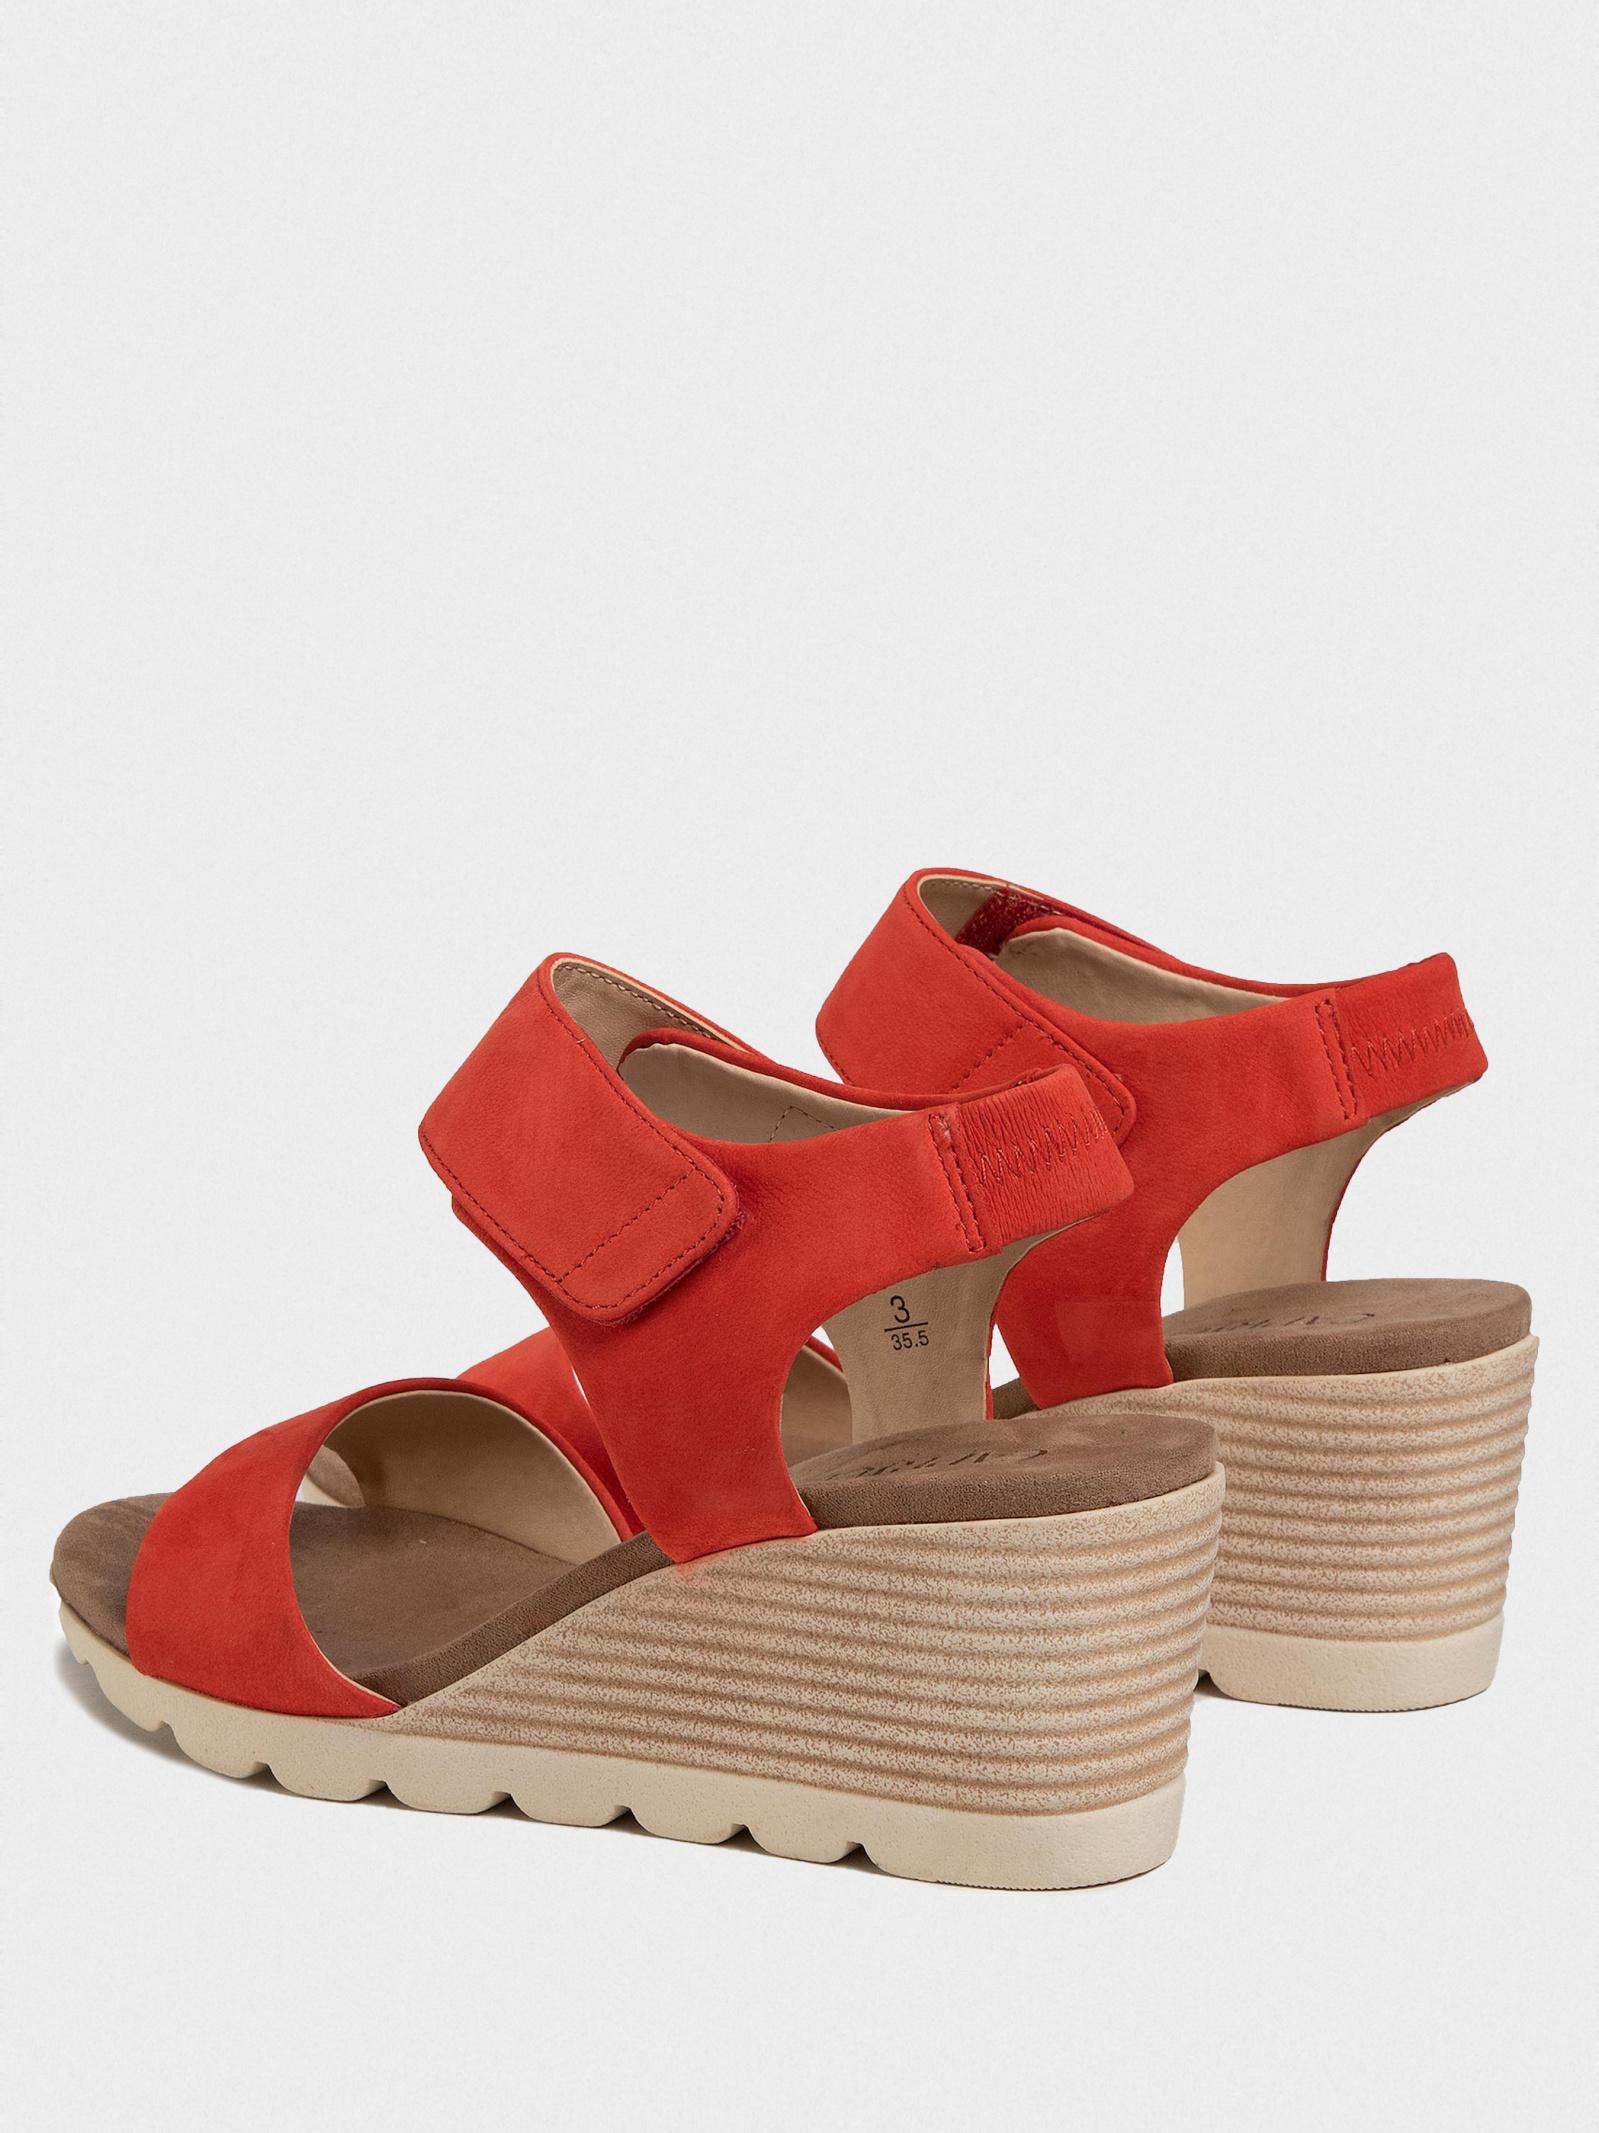 Босоножки для женщин Caprice 28706-24-532 CORAL NUBUC модная обувь, 2017